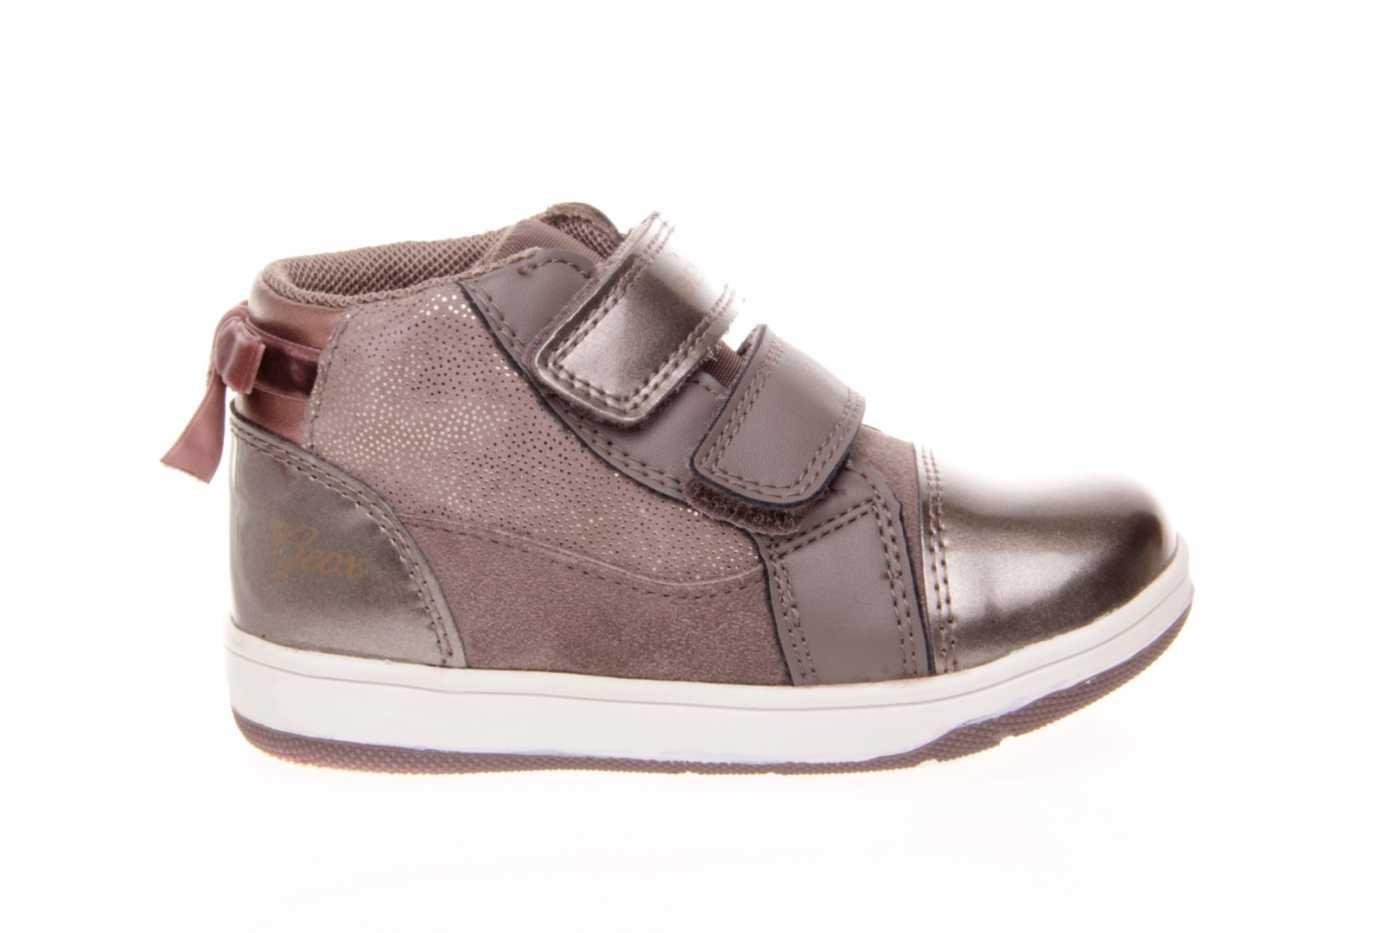 95b422b5 Comprar zapato tipo JOVEN NIÑO estilo BOTAS COLOR CAMEL PIEL | BOTA ...